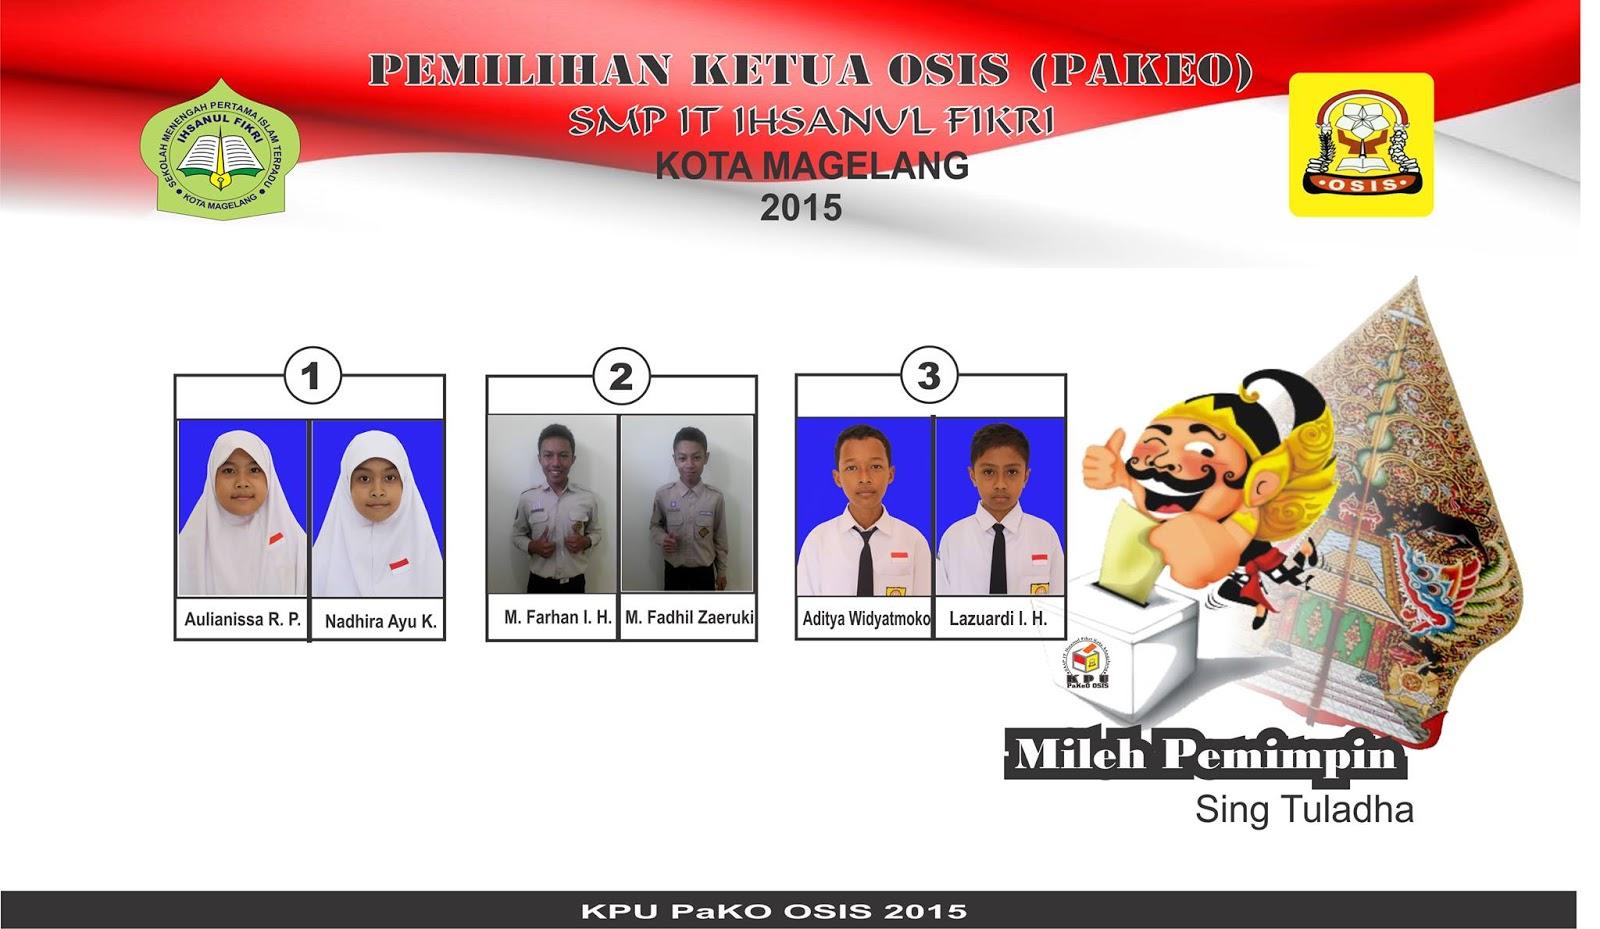 Hasil Pemilihan Ketua Dan Wakil Ketua Osis Smp It Ihsanul